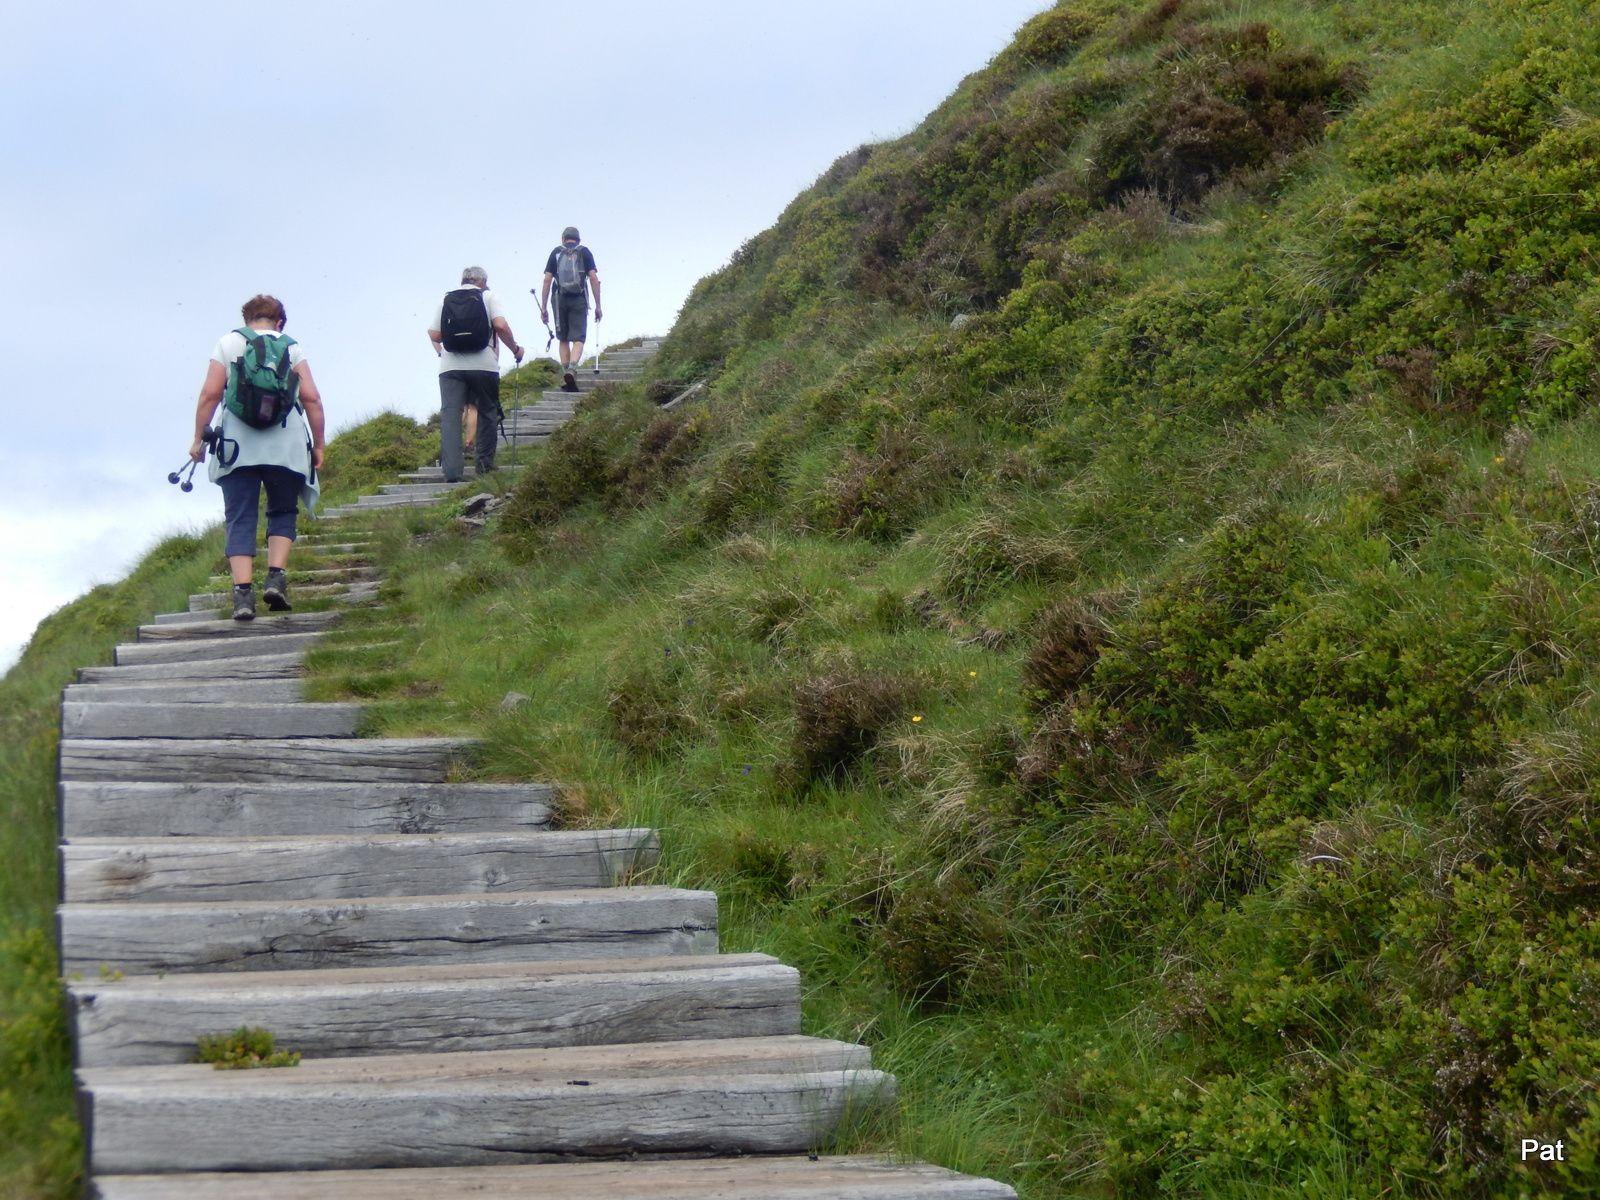 Les marches facilitent un peu la fin du parcours. Murat-le-Quaire en dessous.